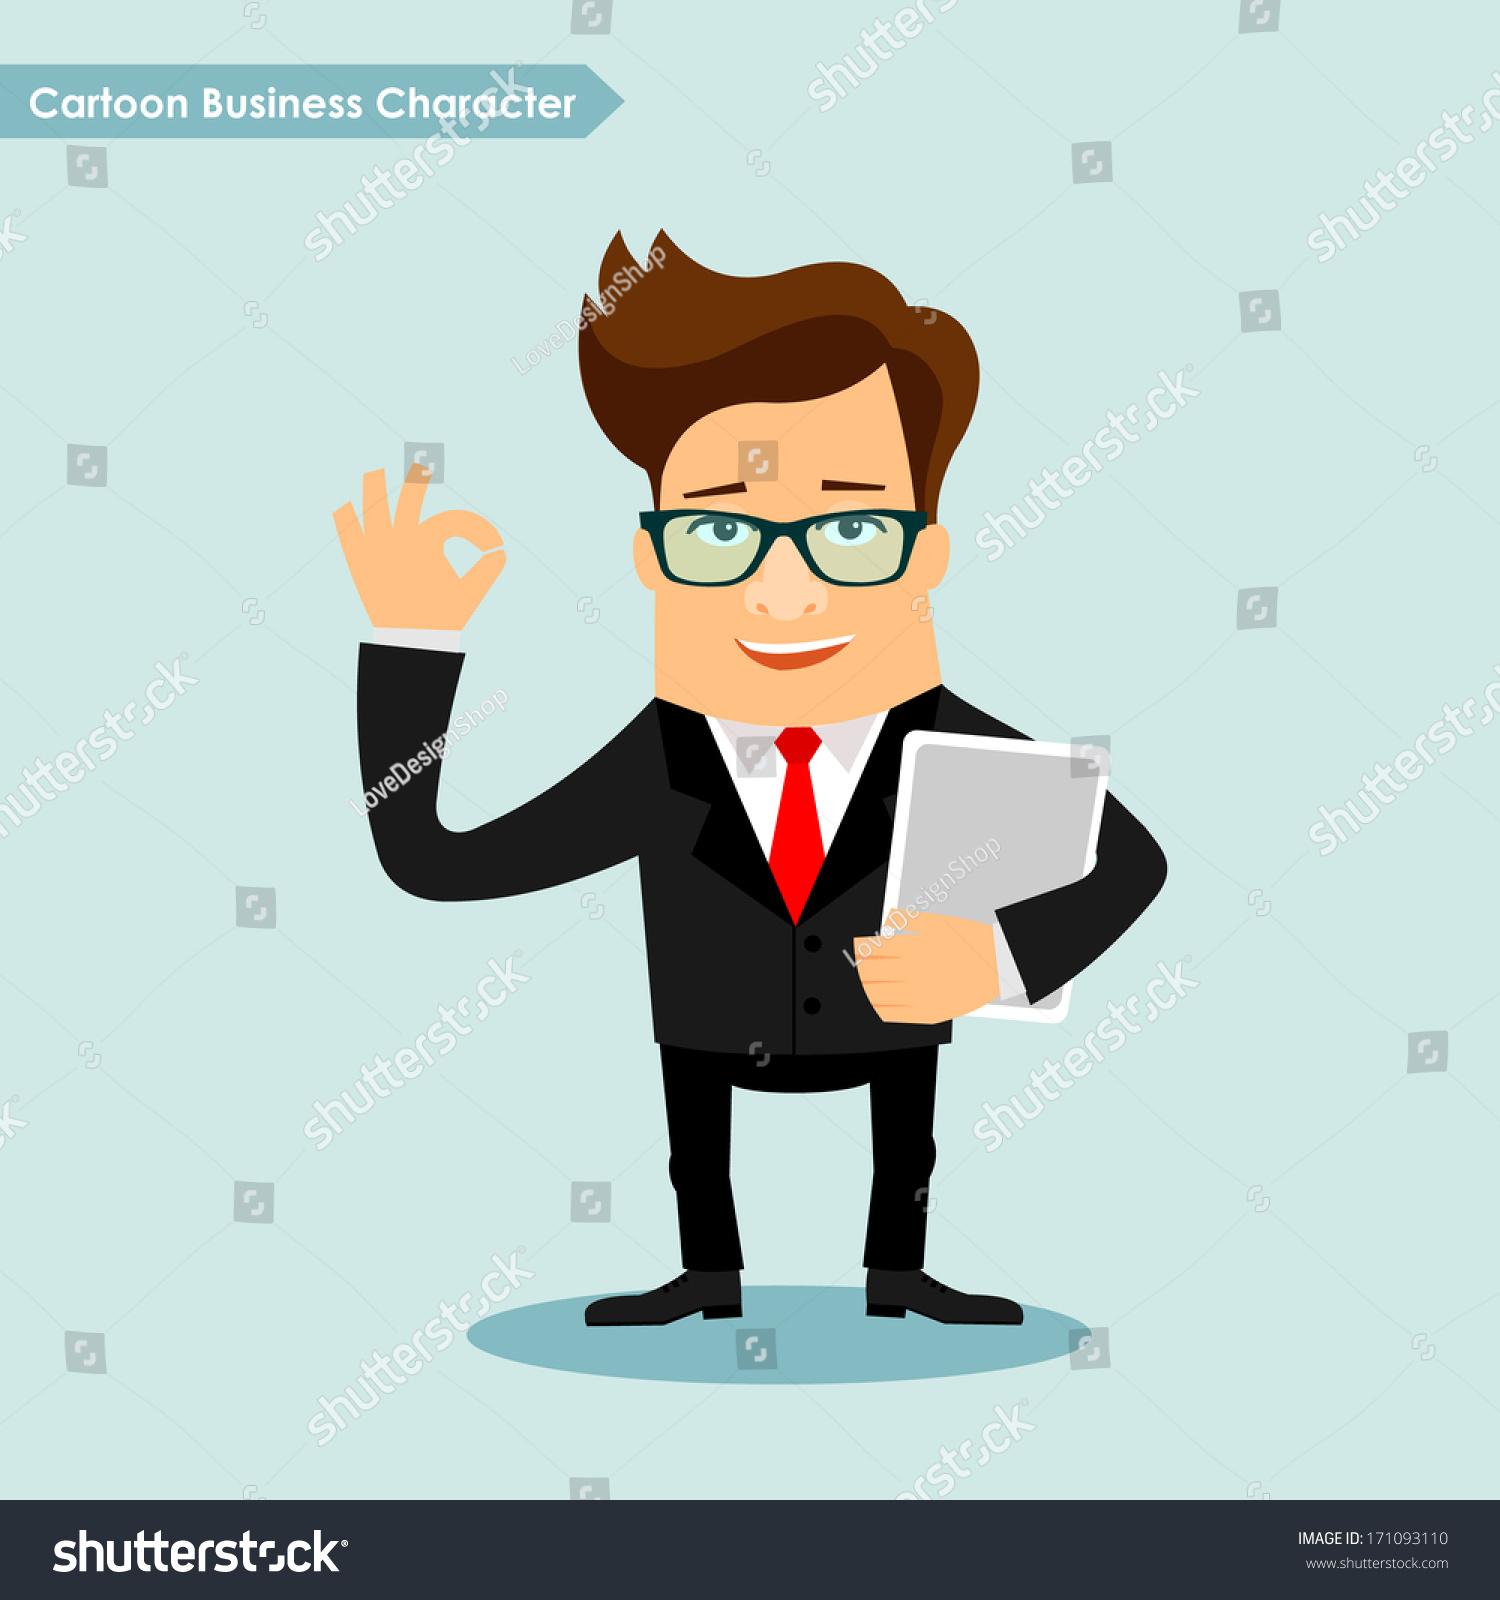 商人卡通人物矢量插图-商业/金融,人物-海洛创意()-合